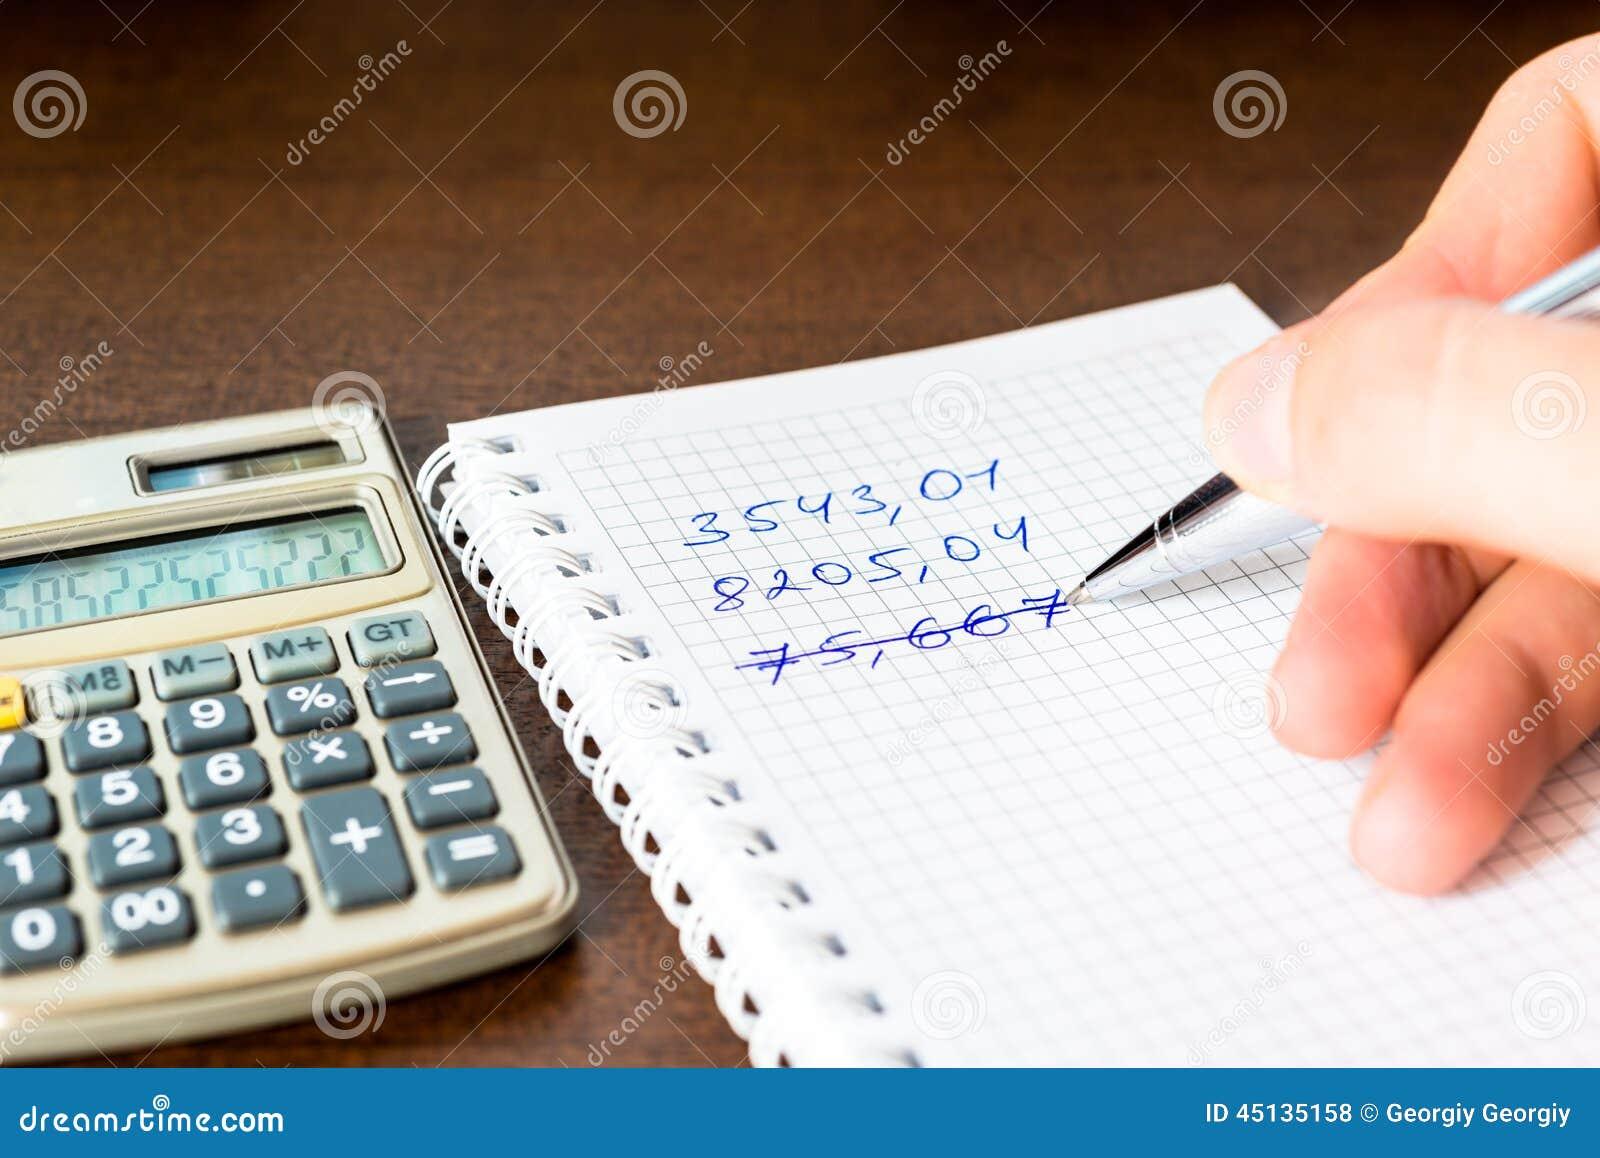 Errore nei calcoli